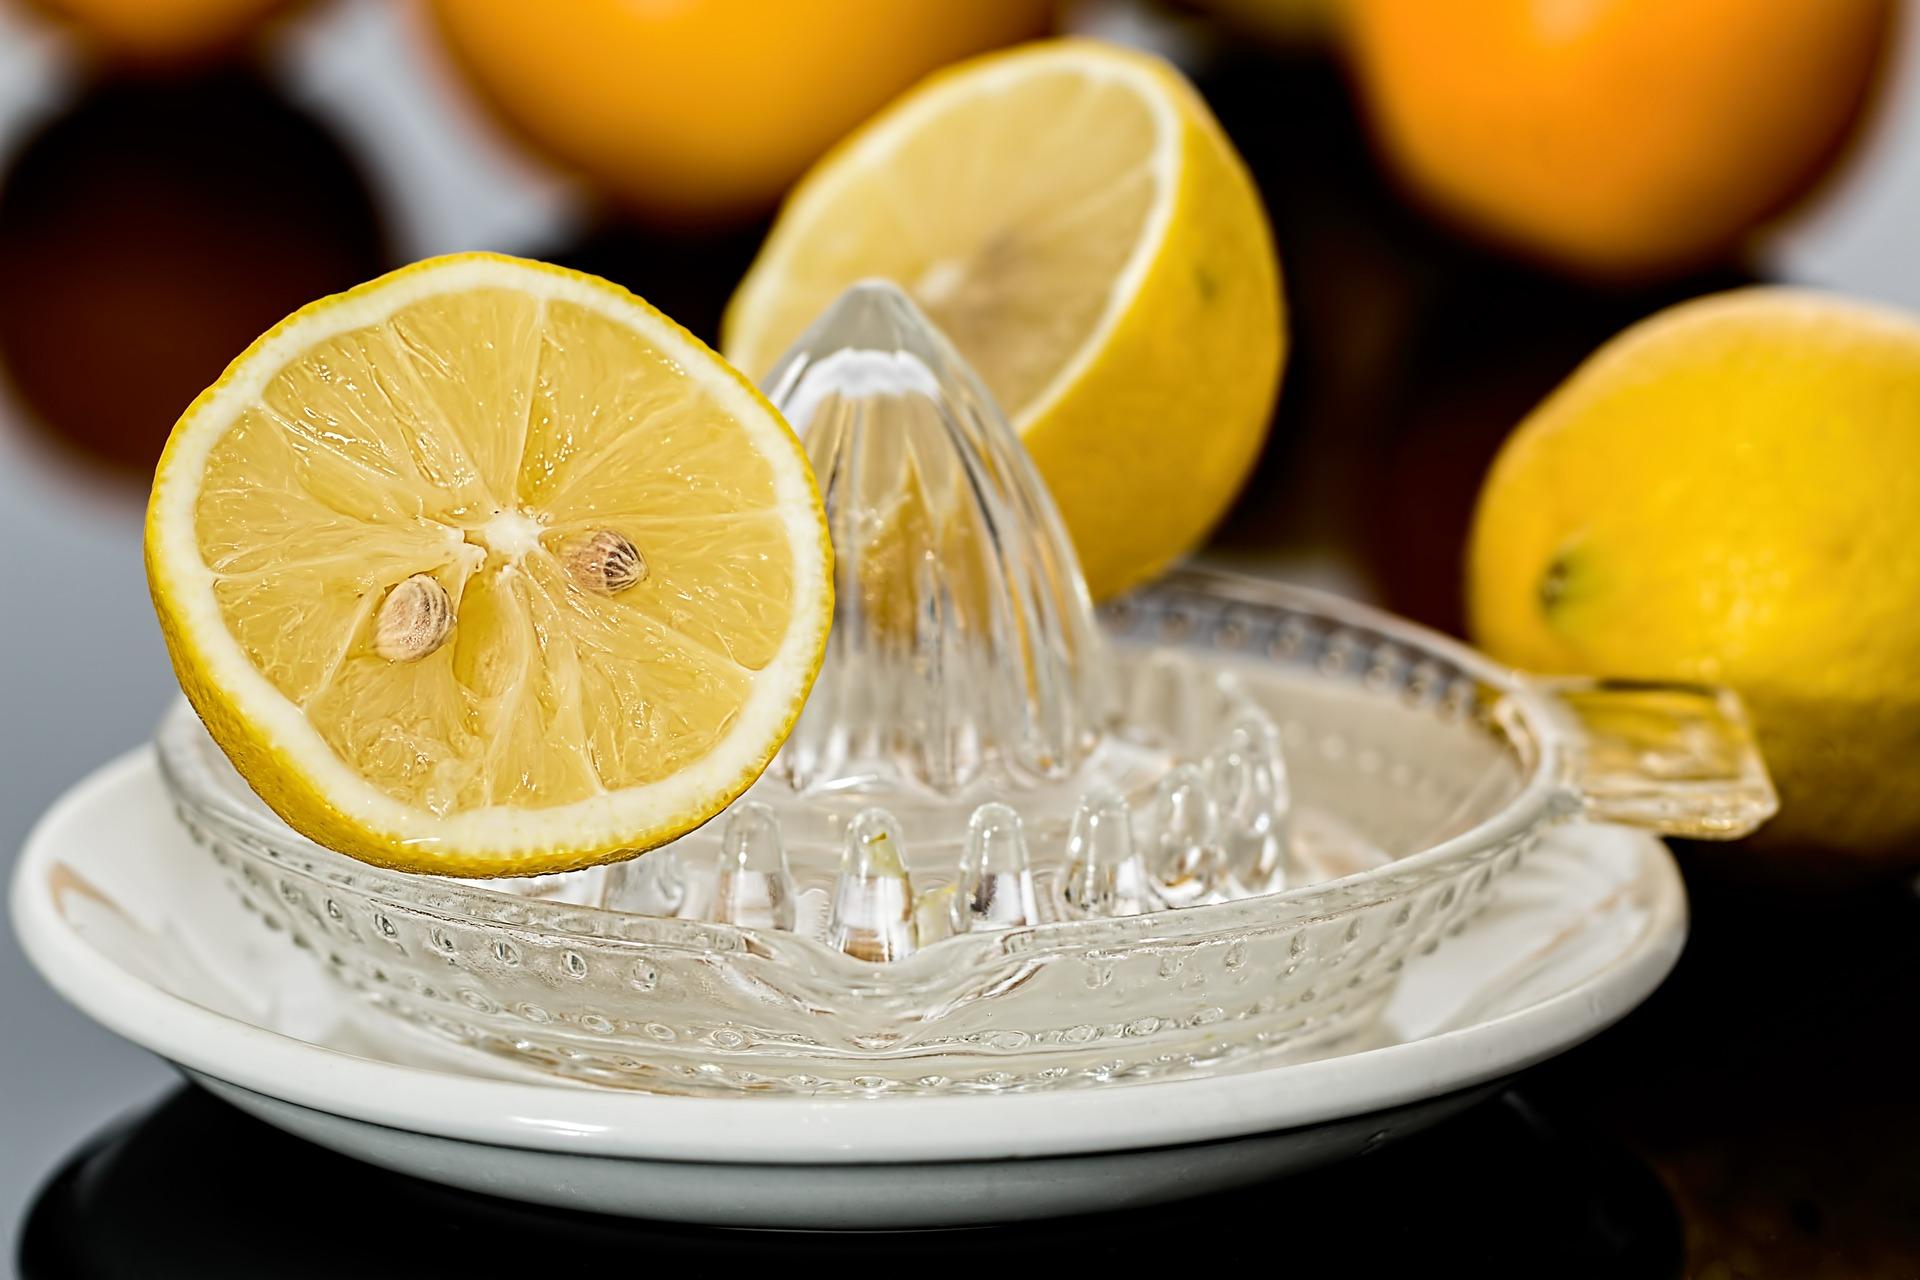 Halbierte Zitrone auf Zitronenpresse aus Glas